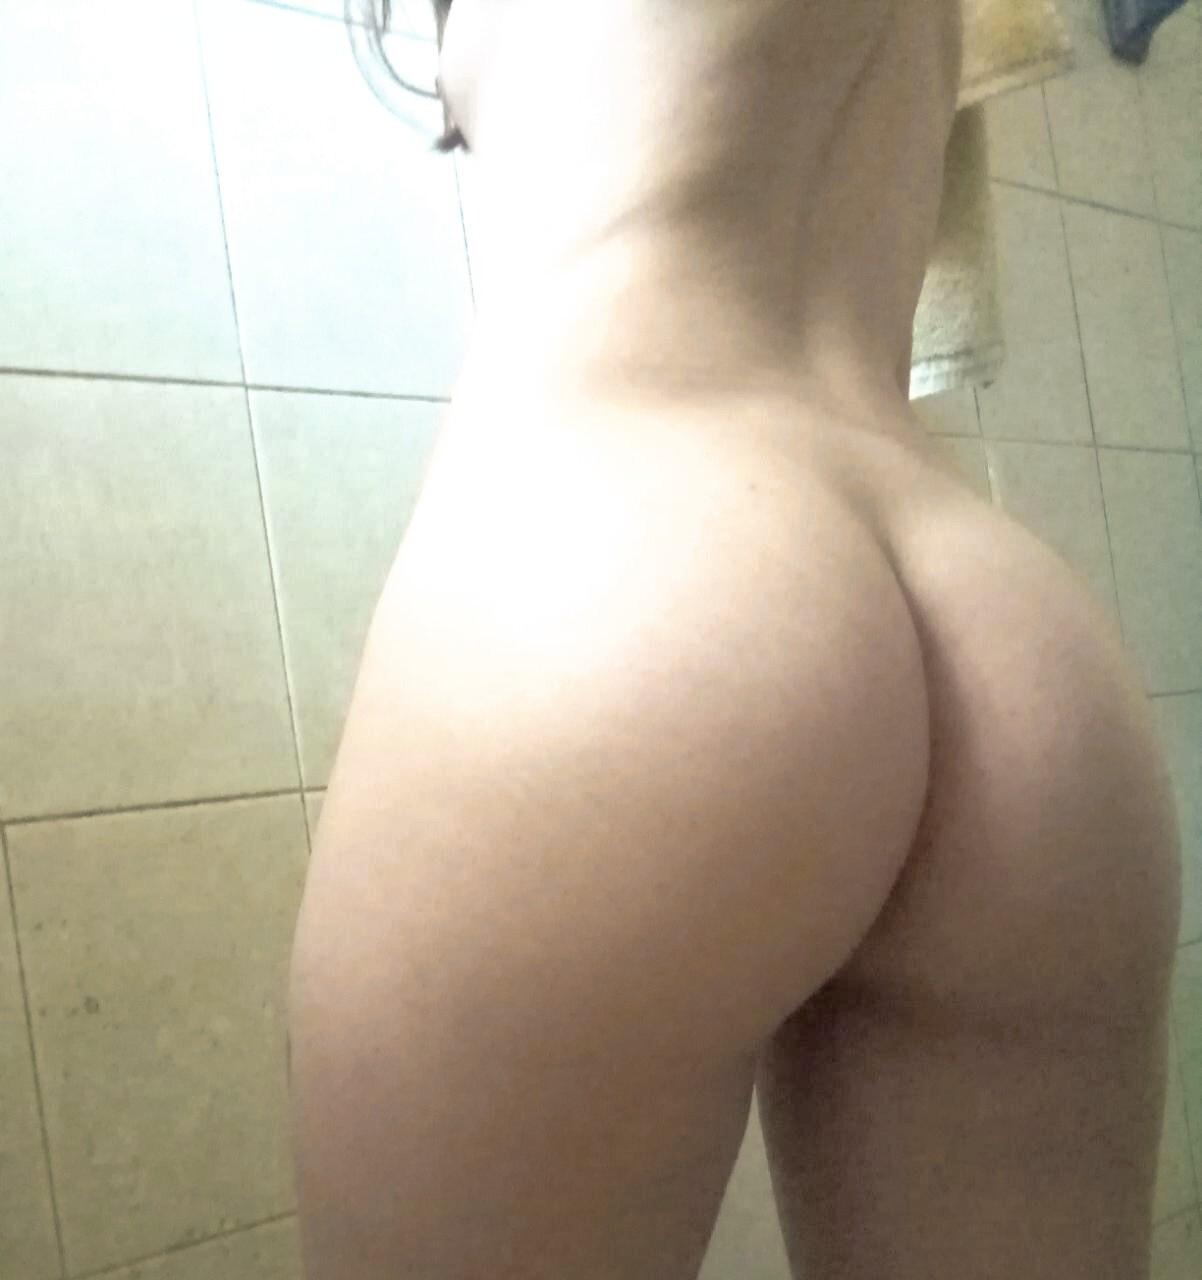 fotos de chicas amateurs enseñando el culo, fotos de tangas, culitos